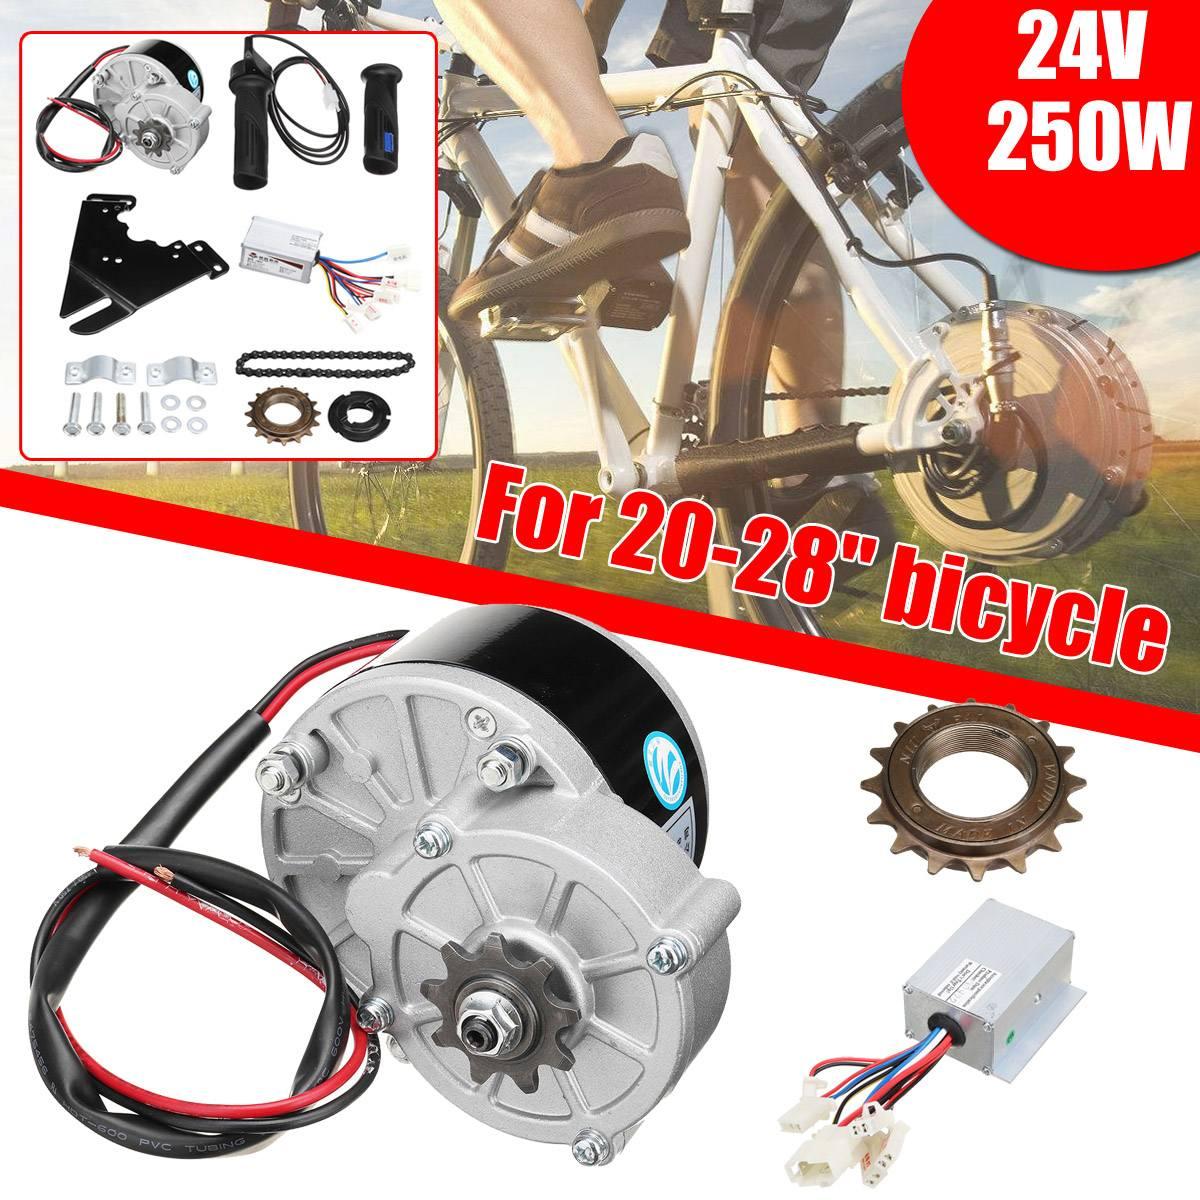 Kit de Conversion de moteur de Scooter électrique 24 V 250 W bricolage contrôleur de roue de moteur brossé pour 20-28